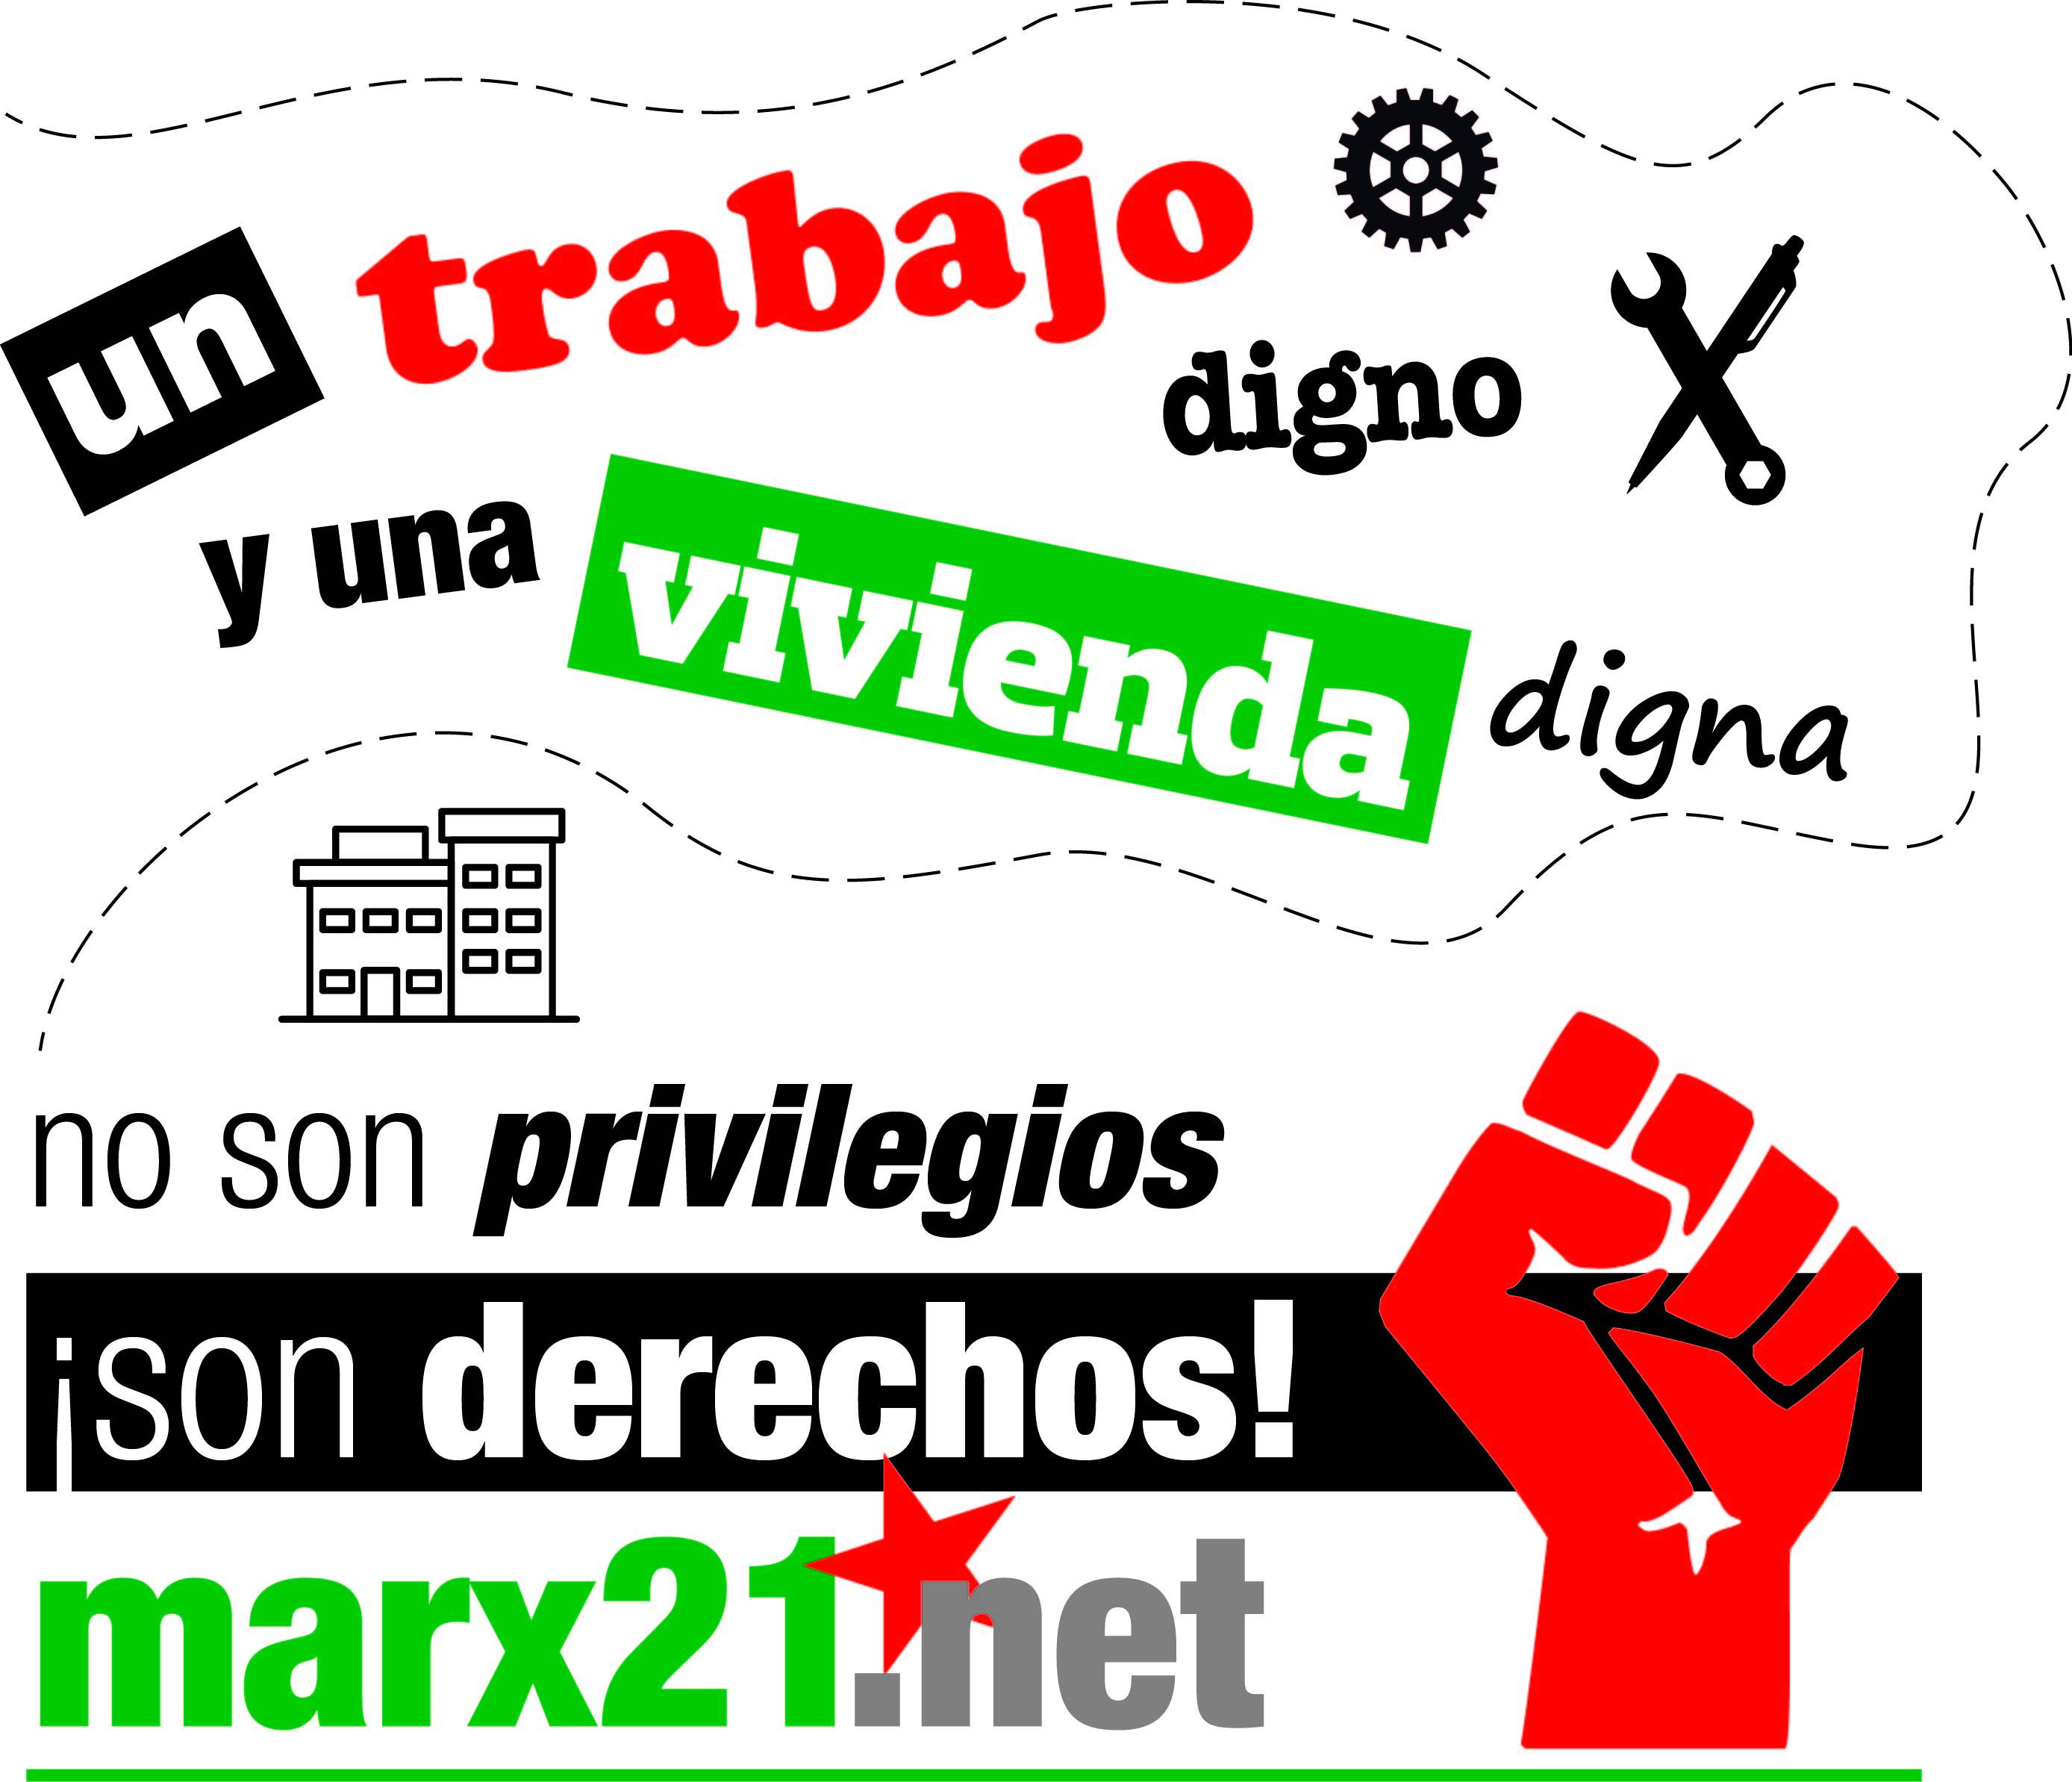 derechos no privilegios_CAS